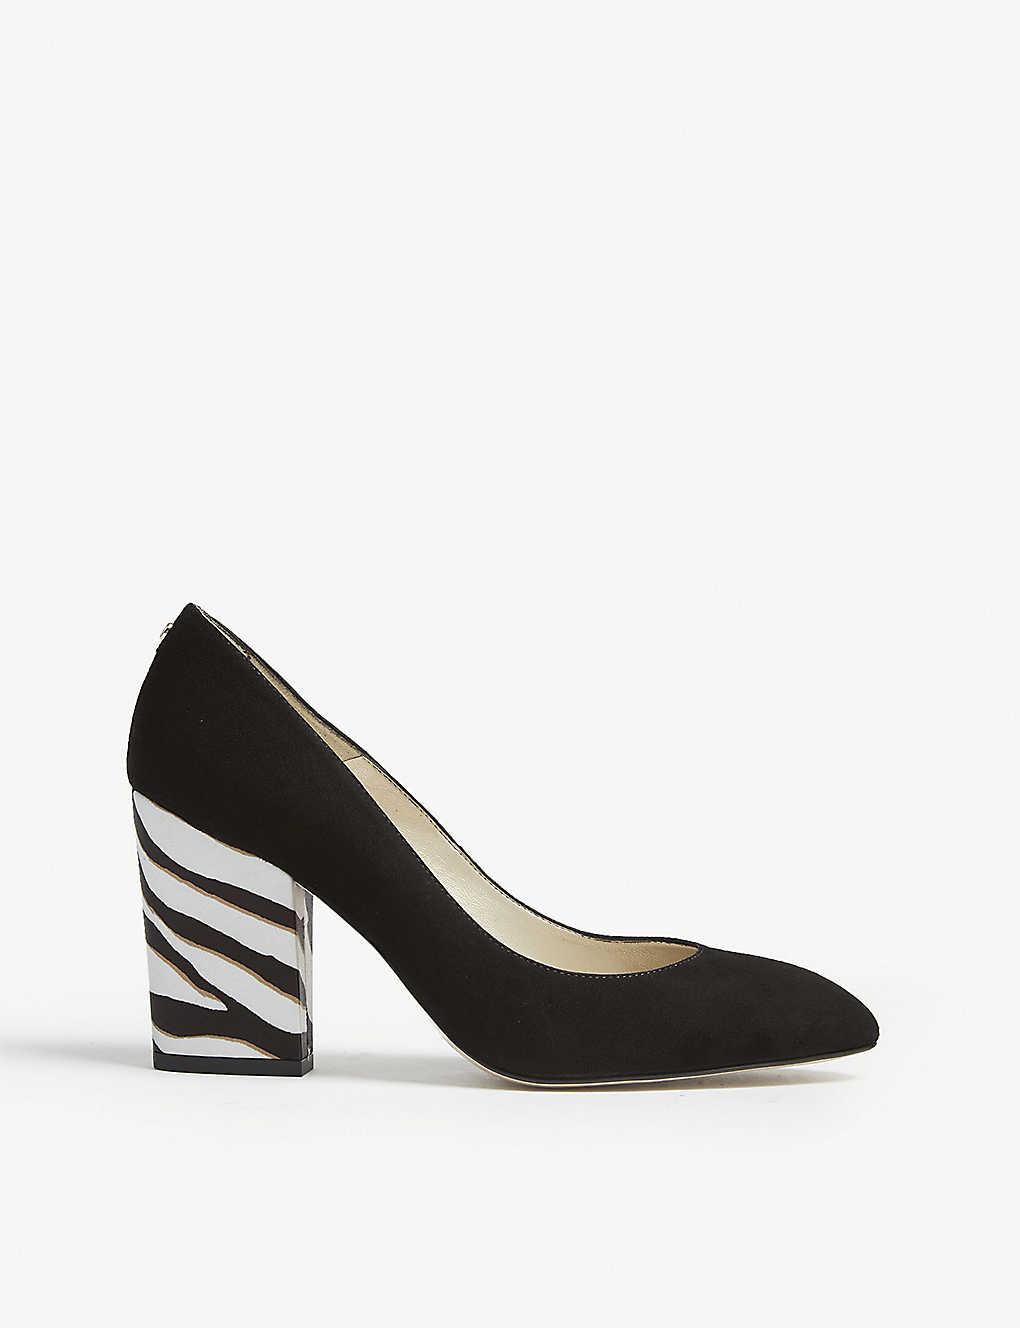 7df1766b04 KAREN MILLEN - Animal suede block heel pumps | Selfridges.com